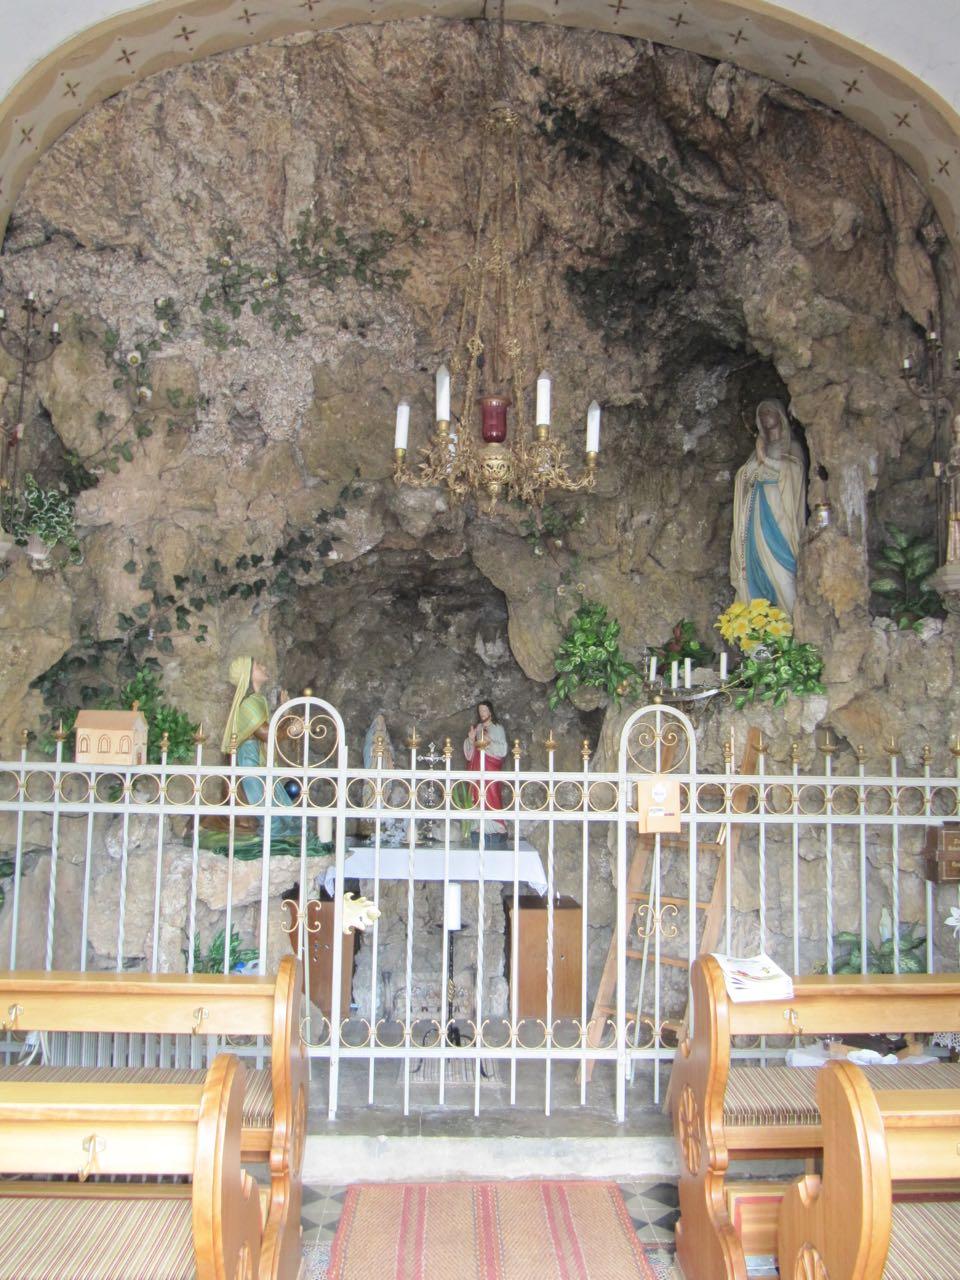 Grotte mit Bänke